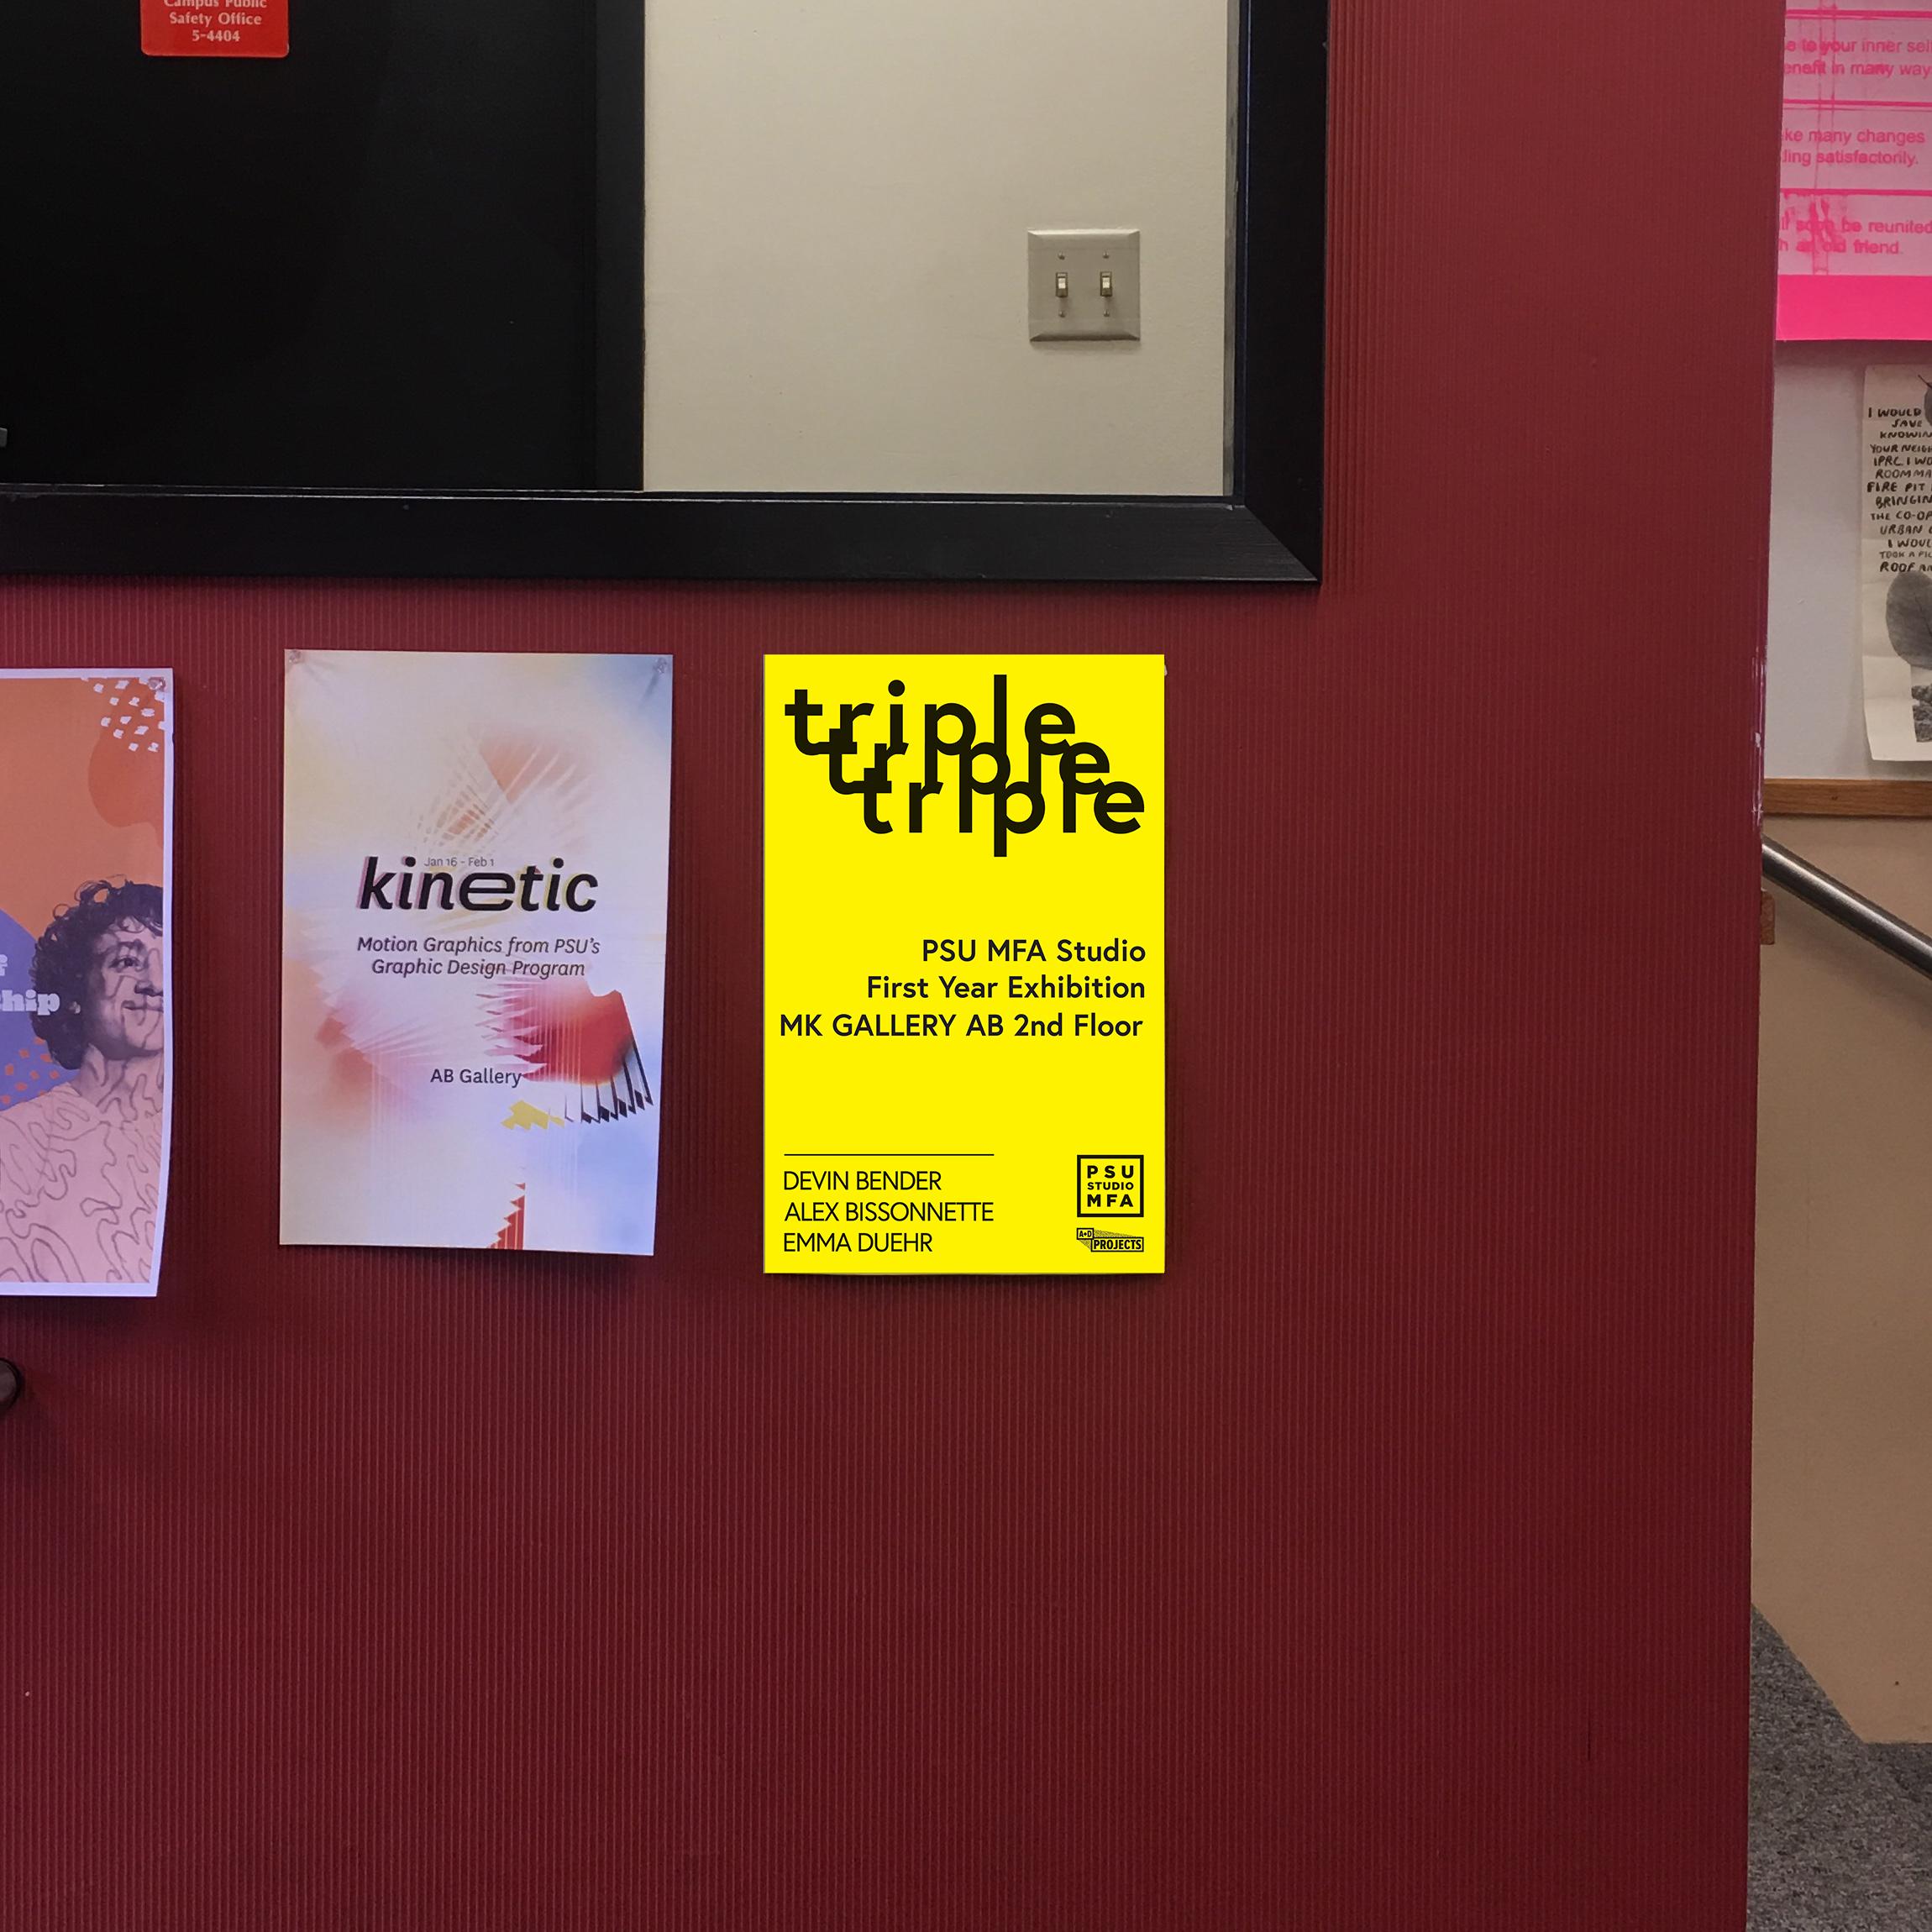 Printed Poster